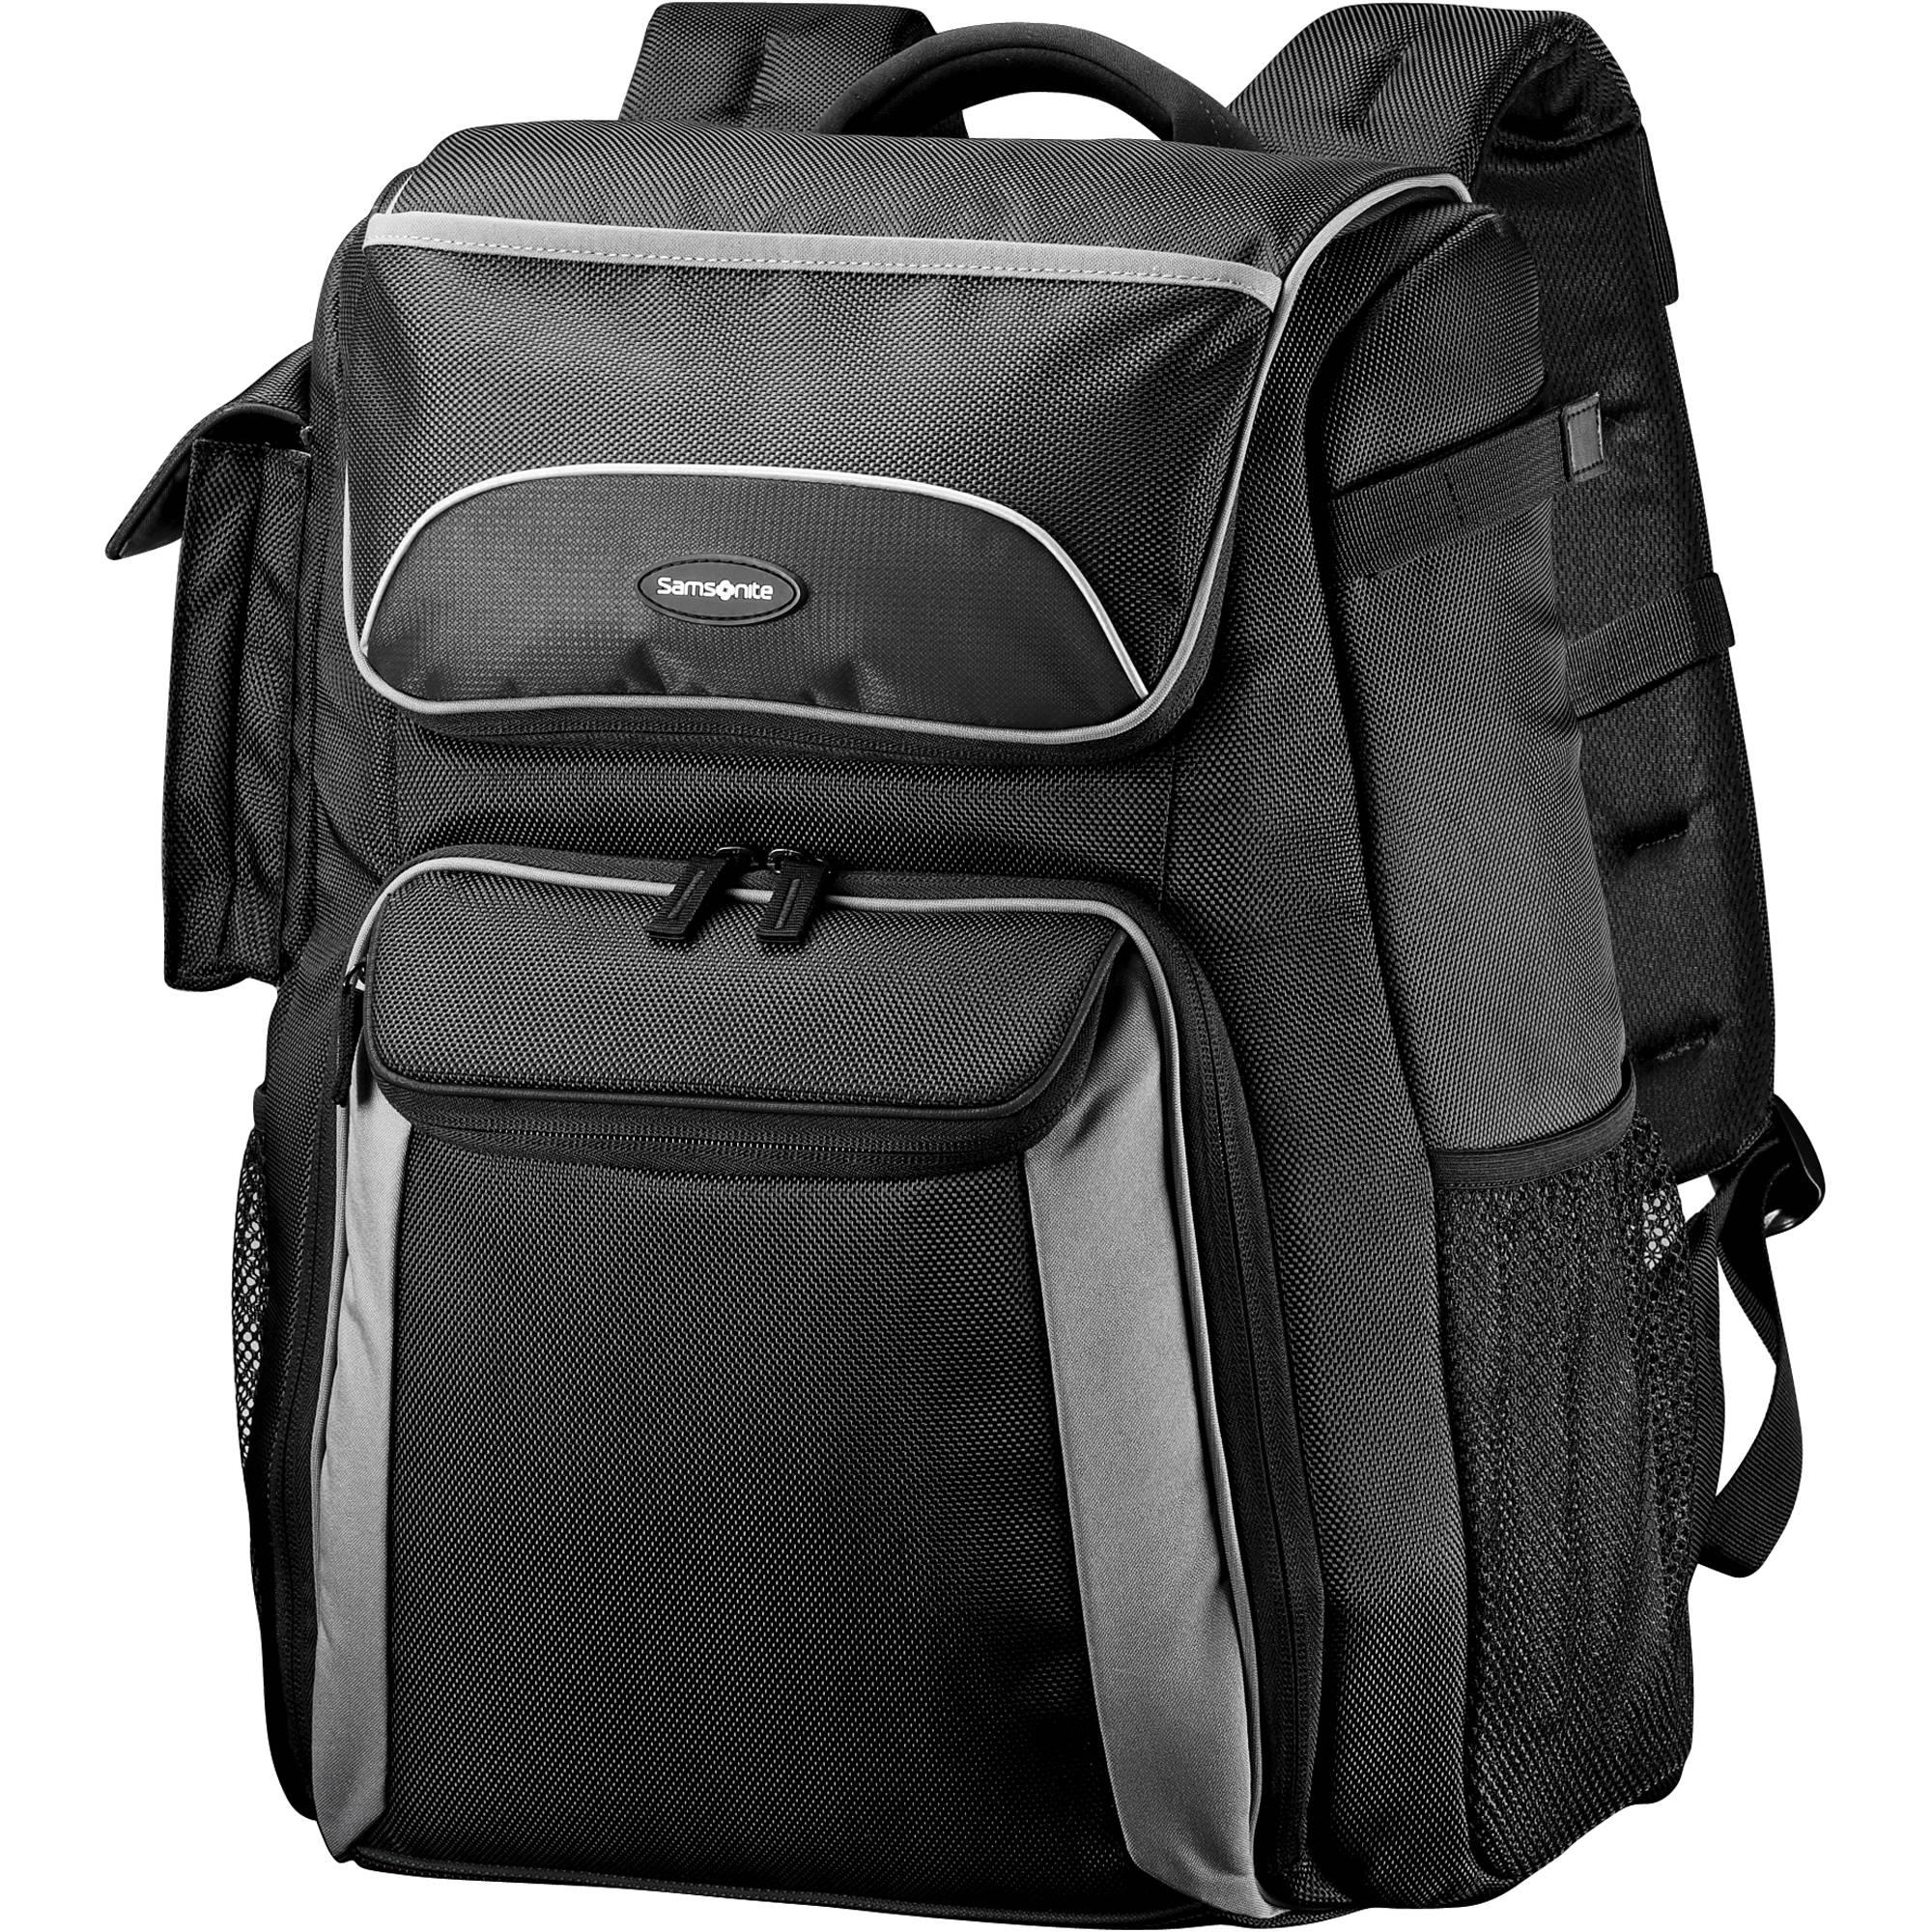 Samsonite Backpack Camera Bag Black Gray